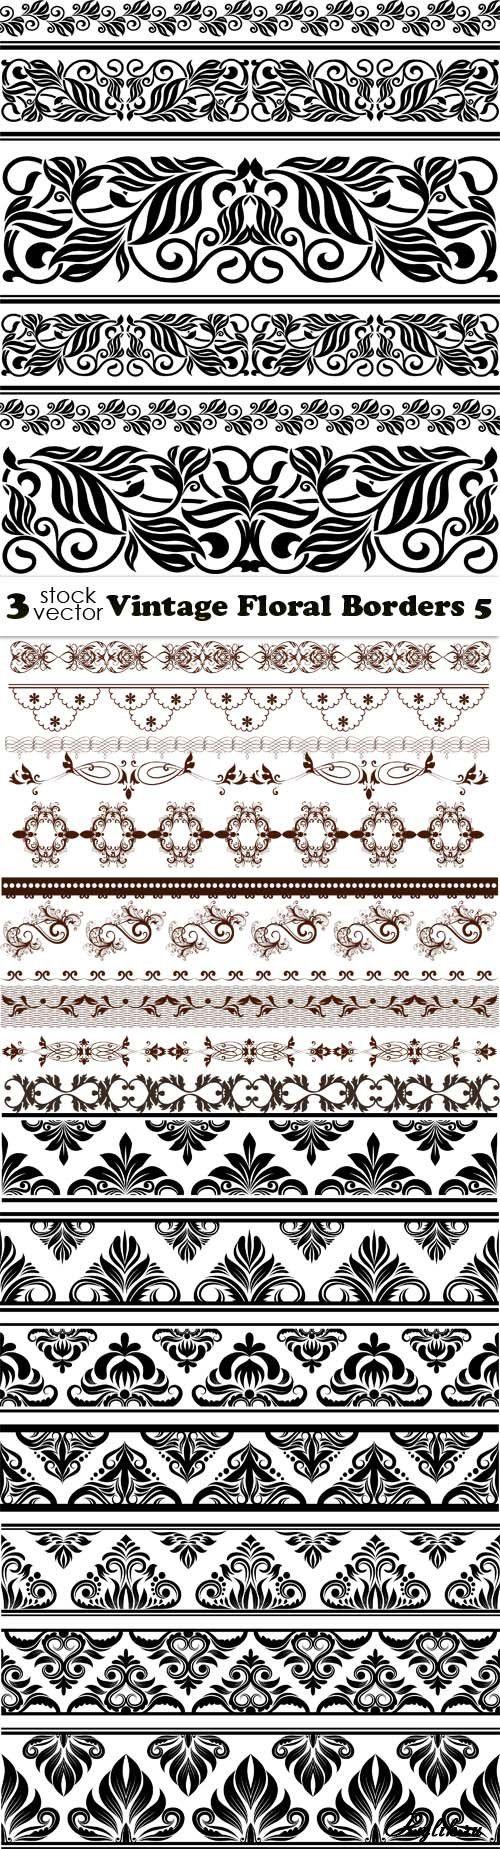 Цветочные бордюры - вектор для декора. Vectors - Vintage Floral Borders 34